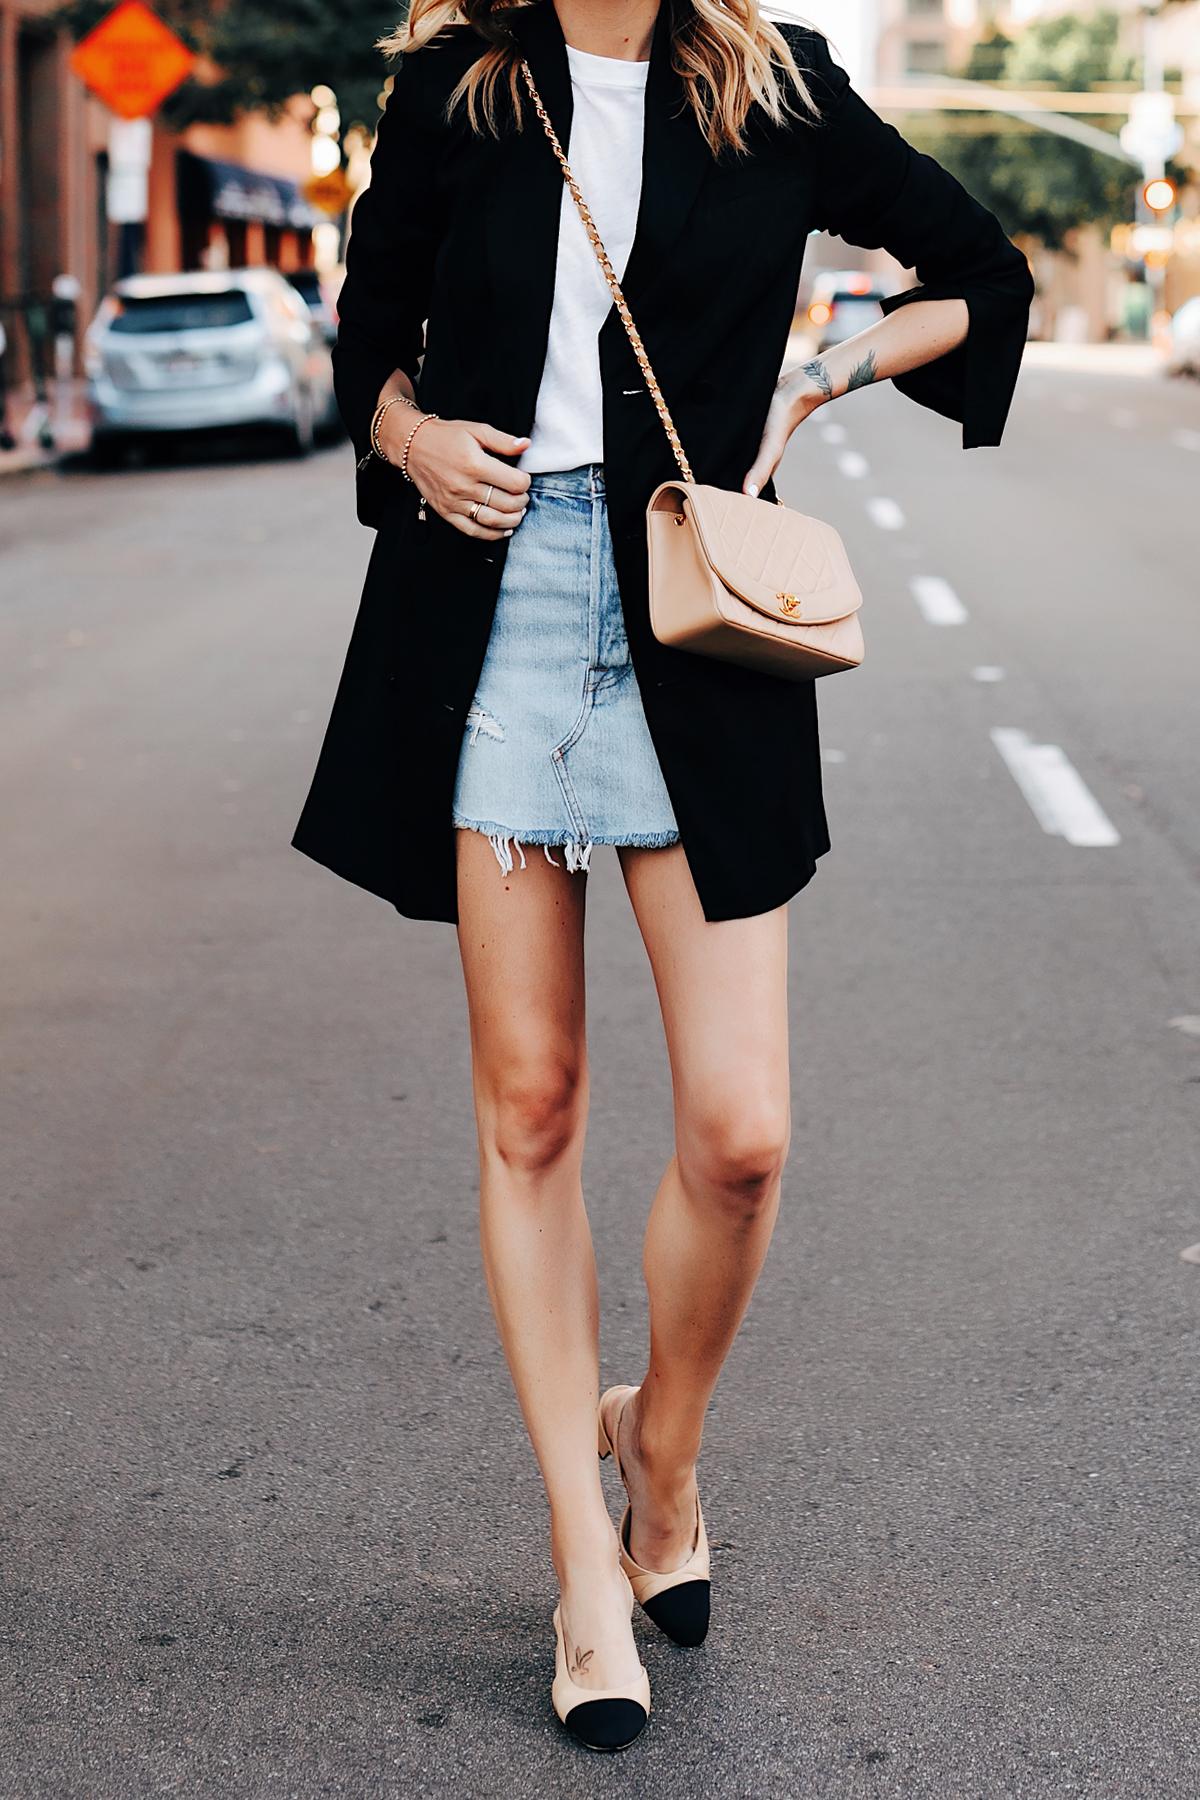 Fashion Jackson Wearing Anine Bing Black Blazer White Tshirt Levis Denim Skirt Chanel Beige Handbag Chanel Slingbacks